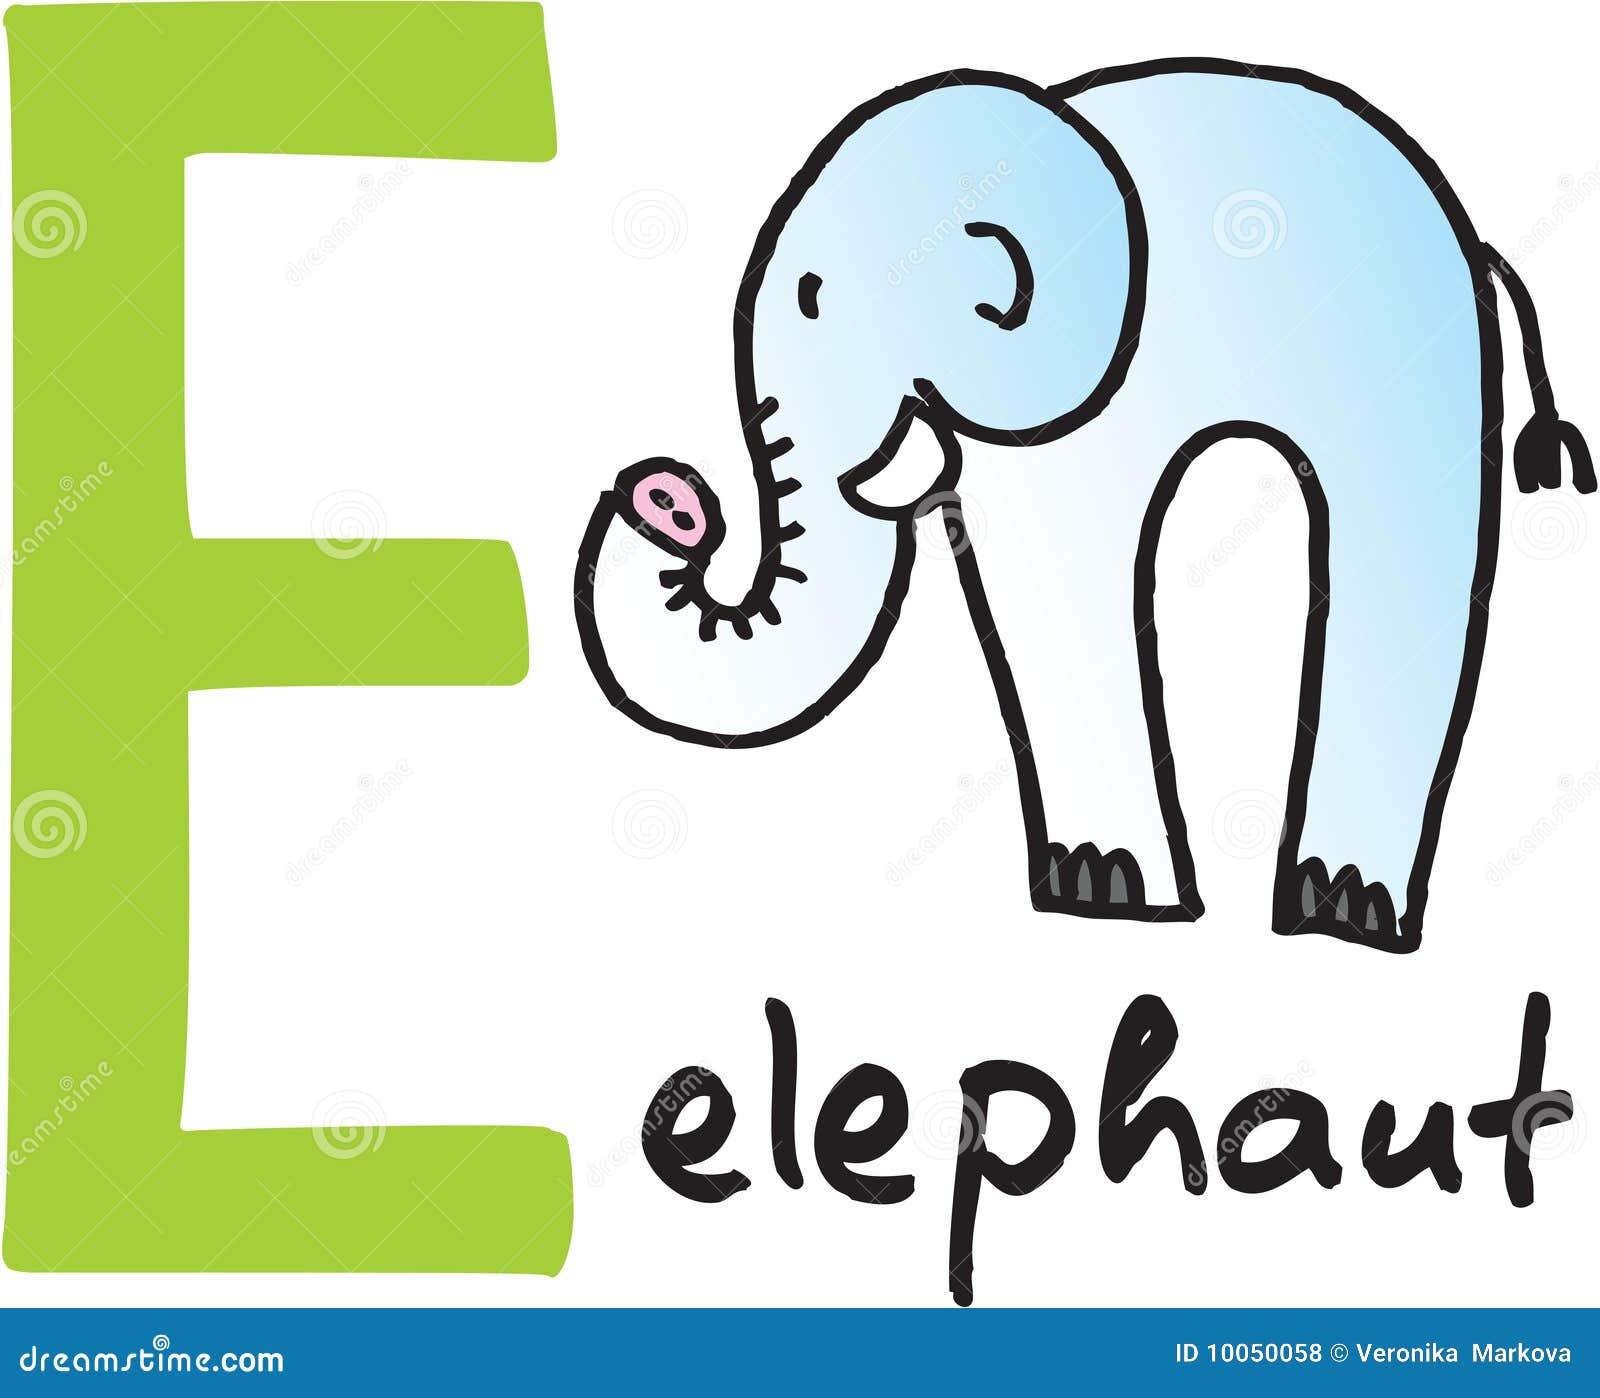 Letra E - elefante